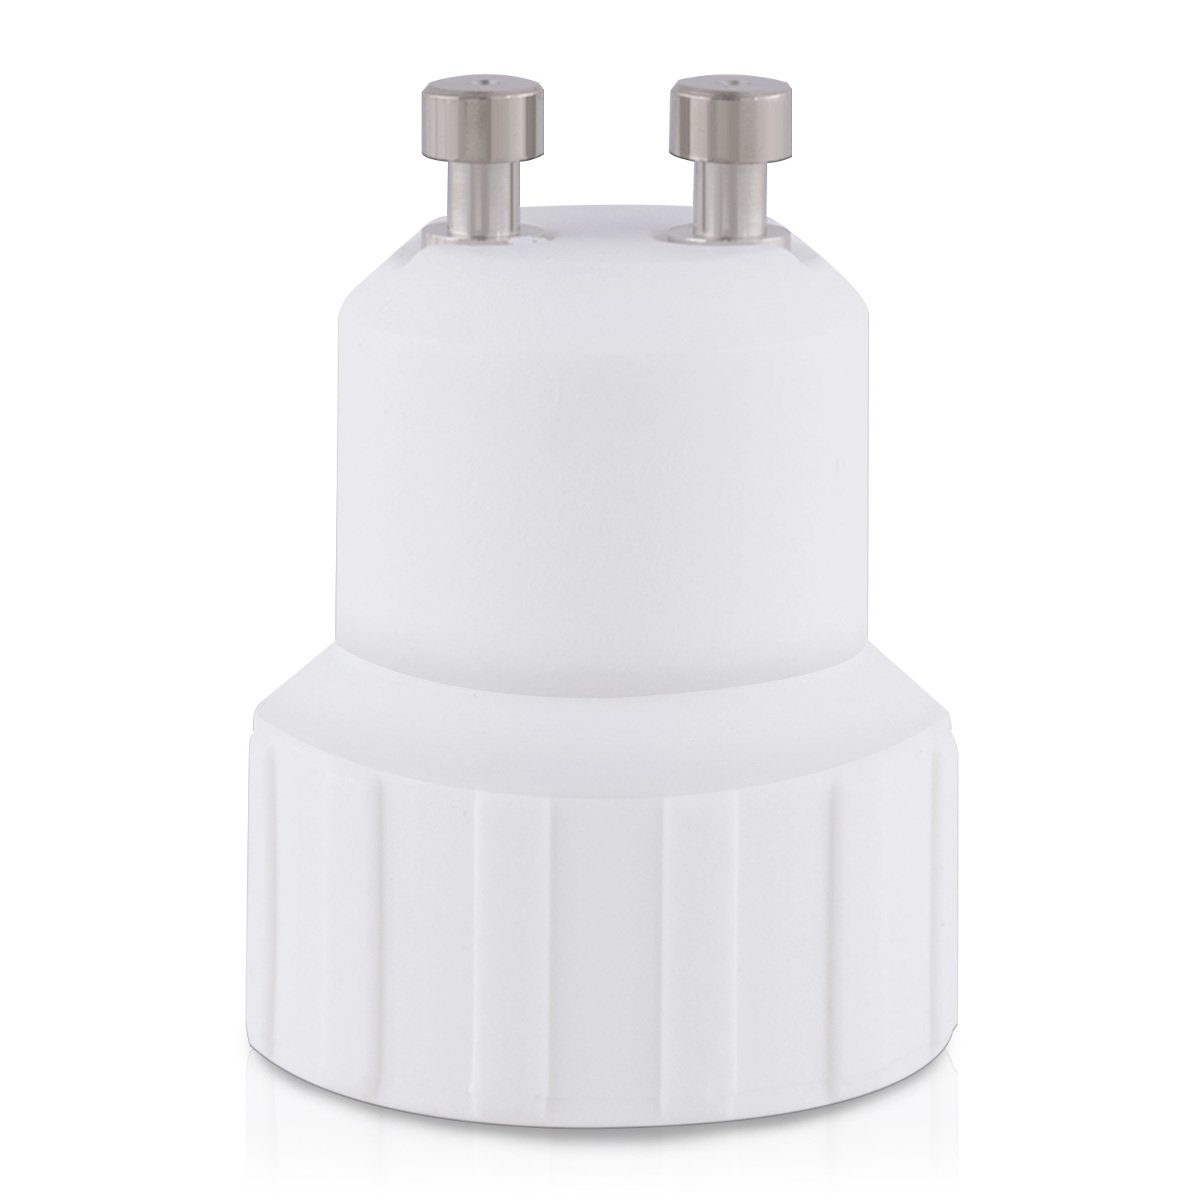 4 Pack in White LED Bulbs kwmobile GU10 to E14 Adapter Kit Light Socket Bulb Base Adapter Converter GU10 to E14 for Halogen